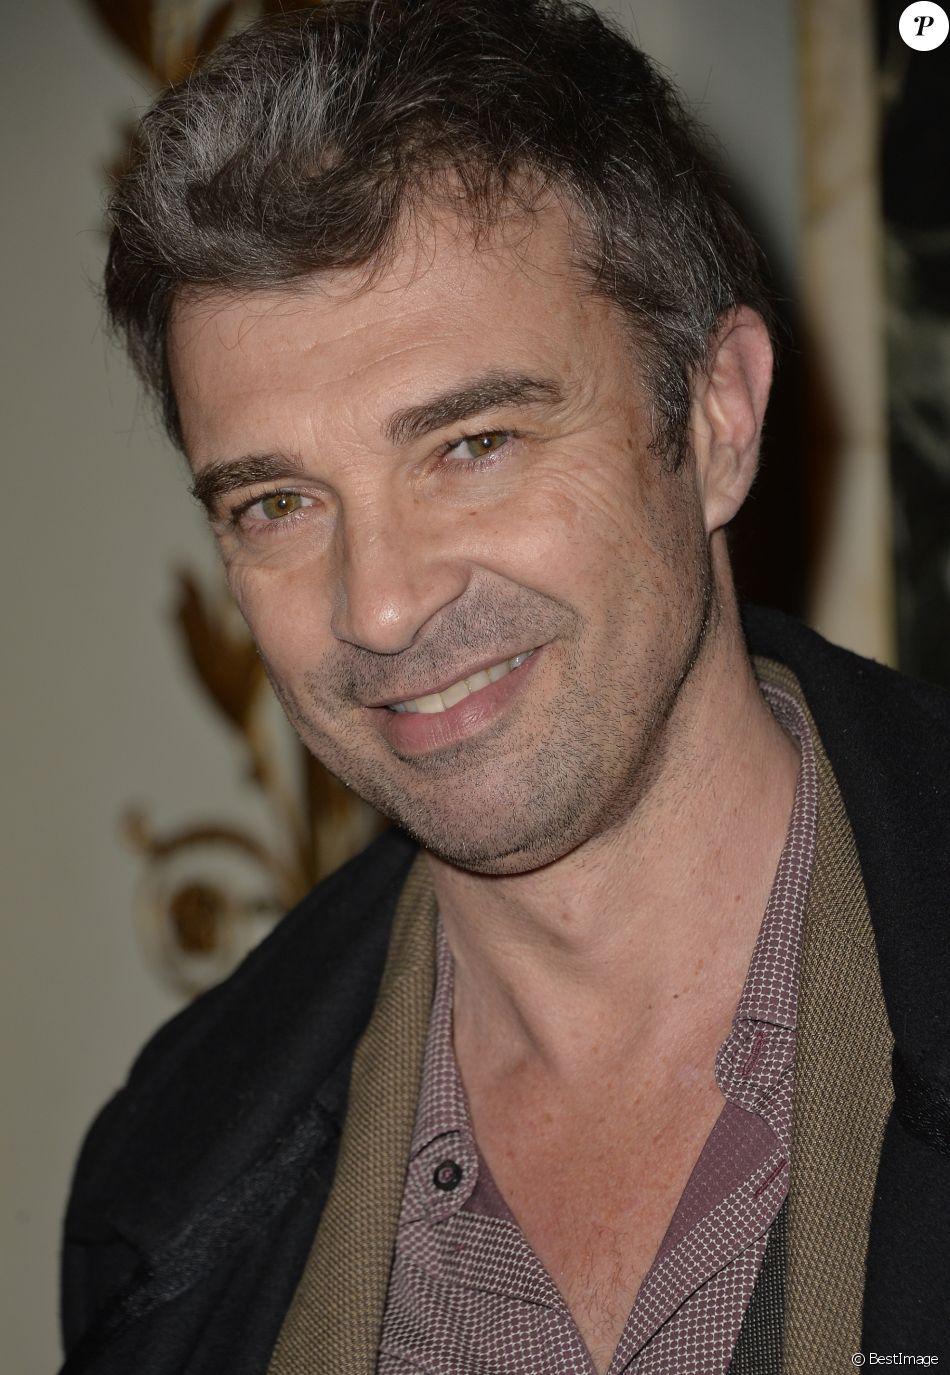 Jean Pierre Michael